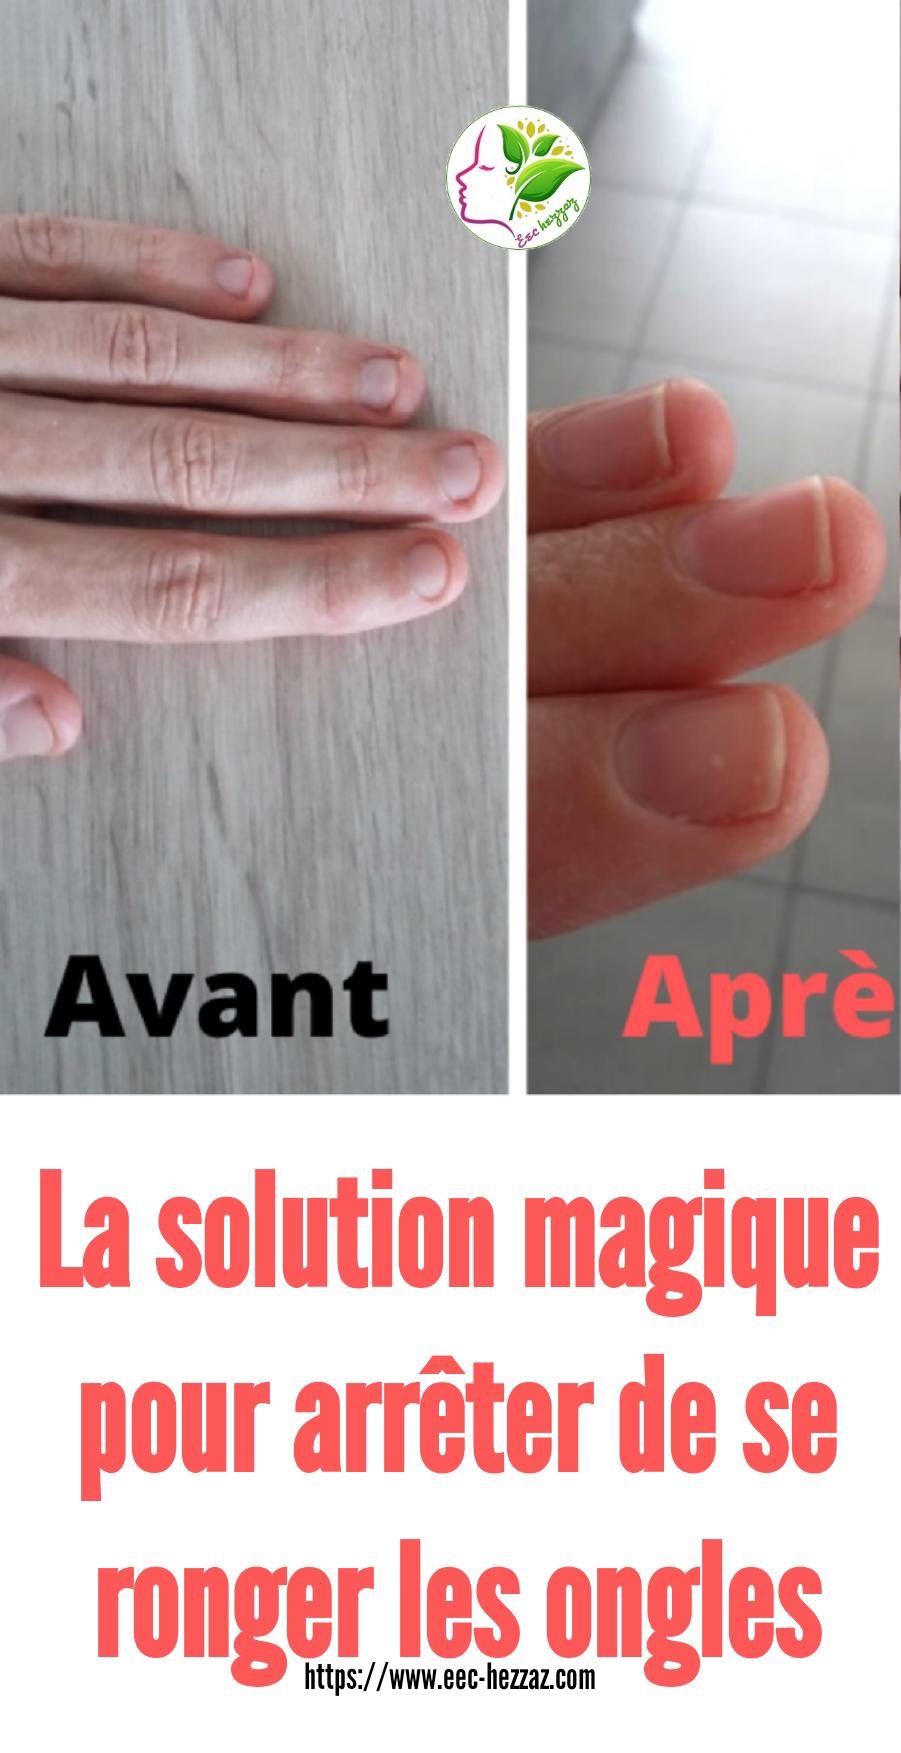 La solution magique pour arrêter de se ronger les ongles